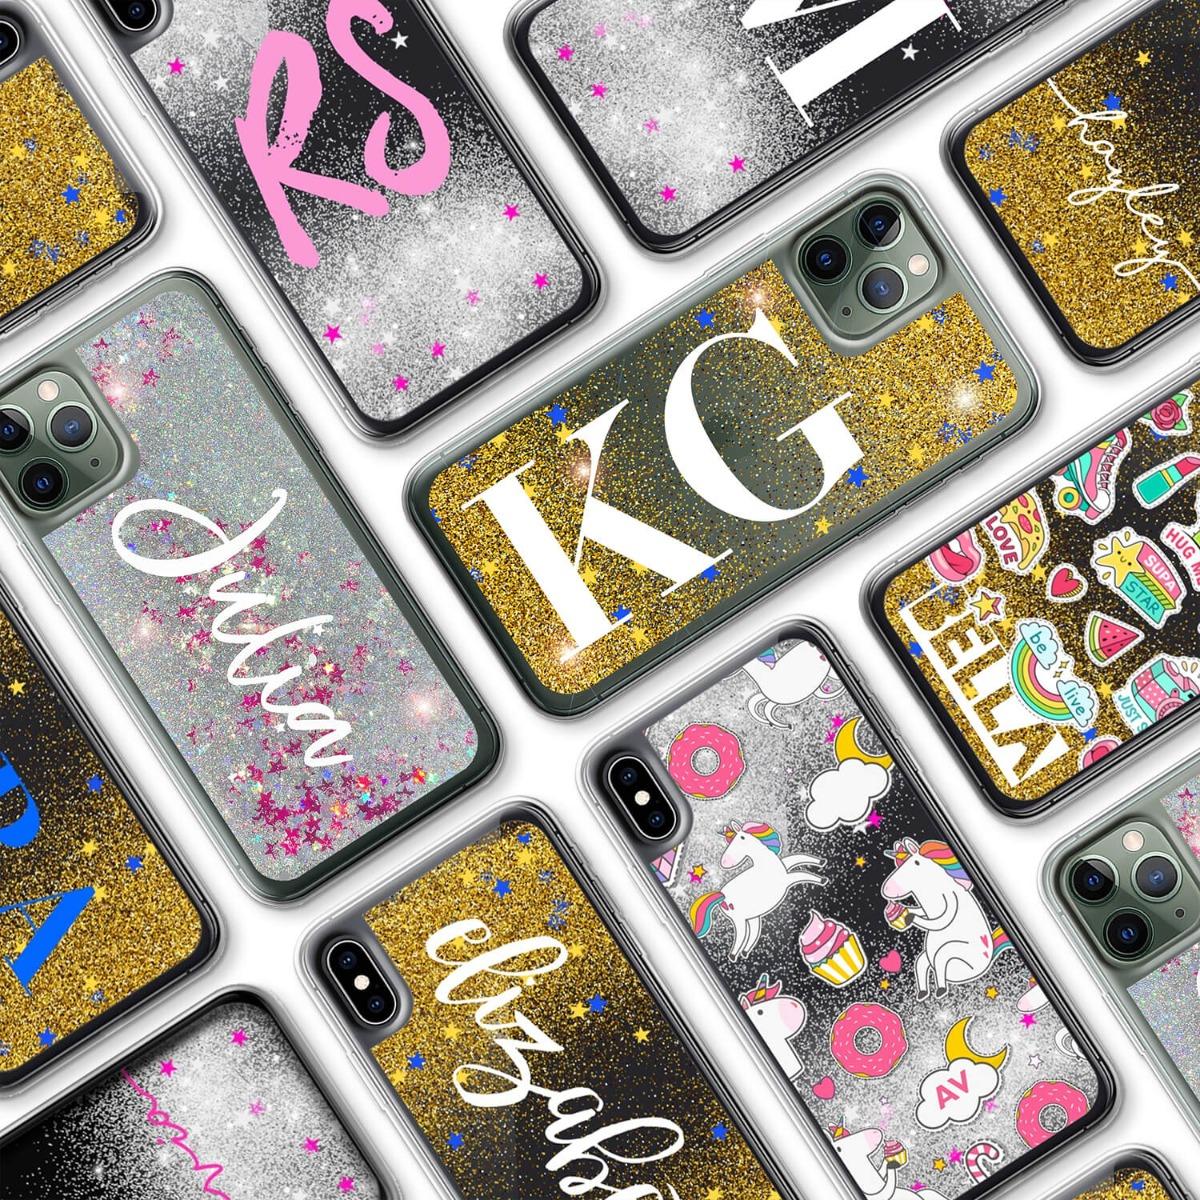 iPhone 6/6S Glitter Case 16149